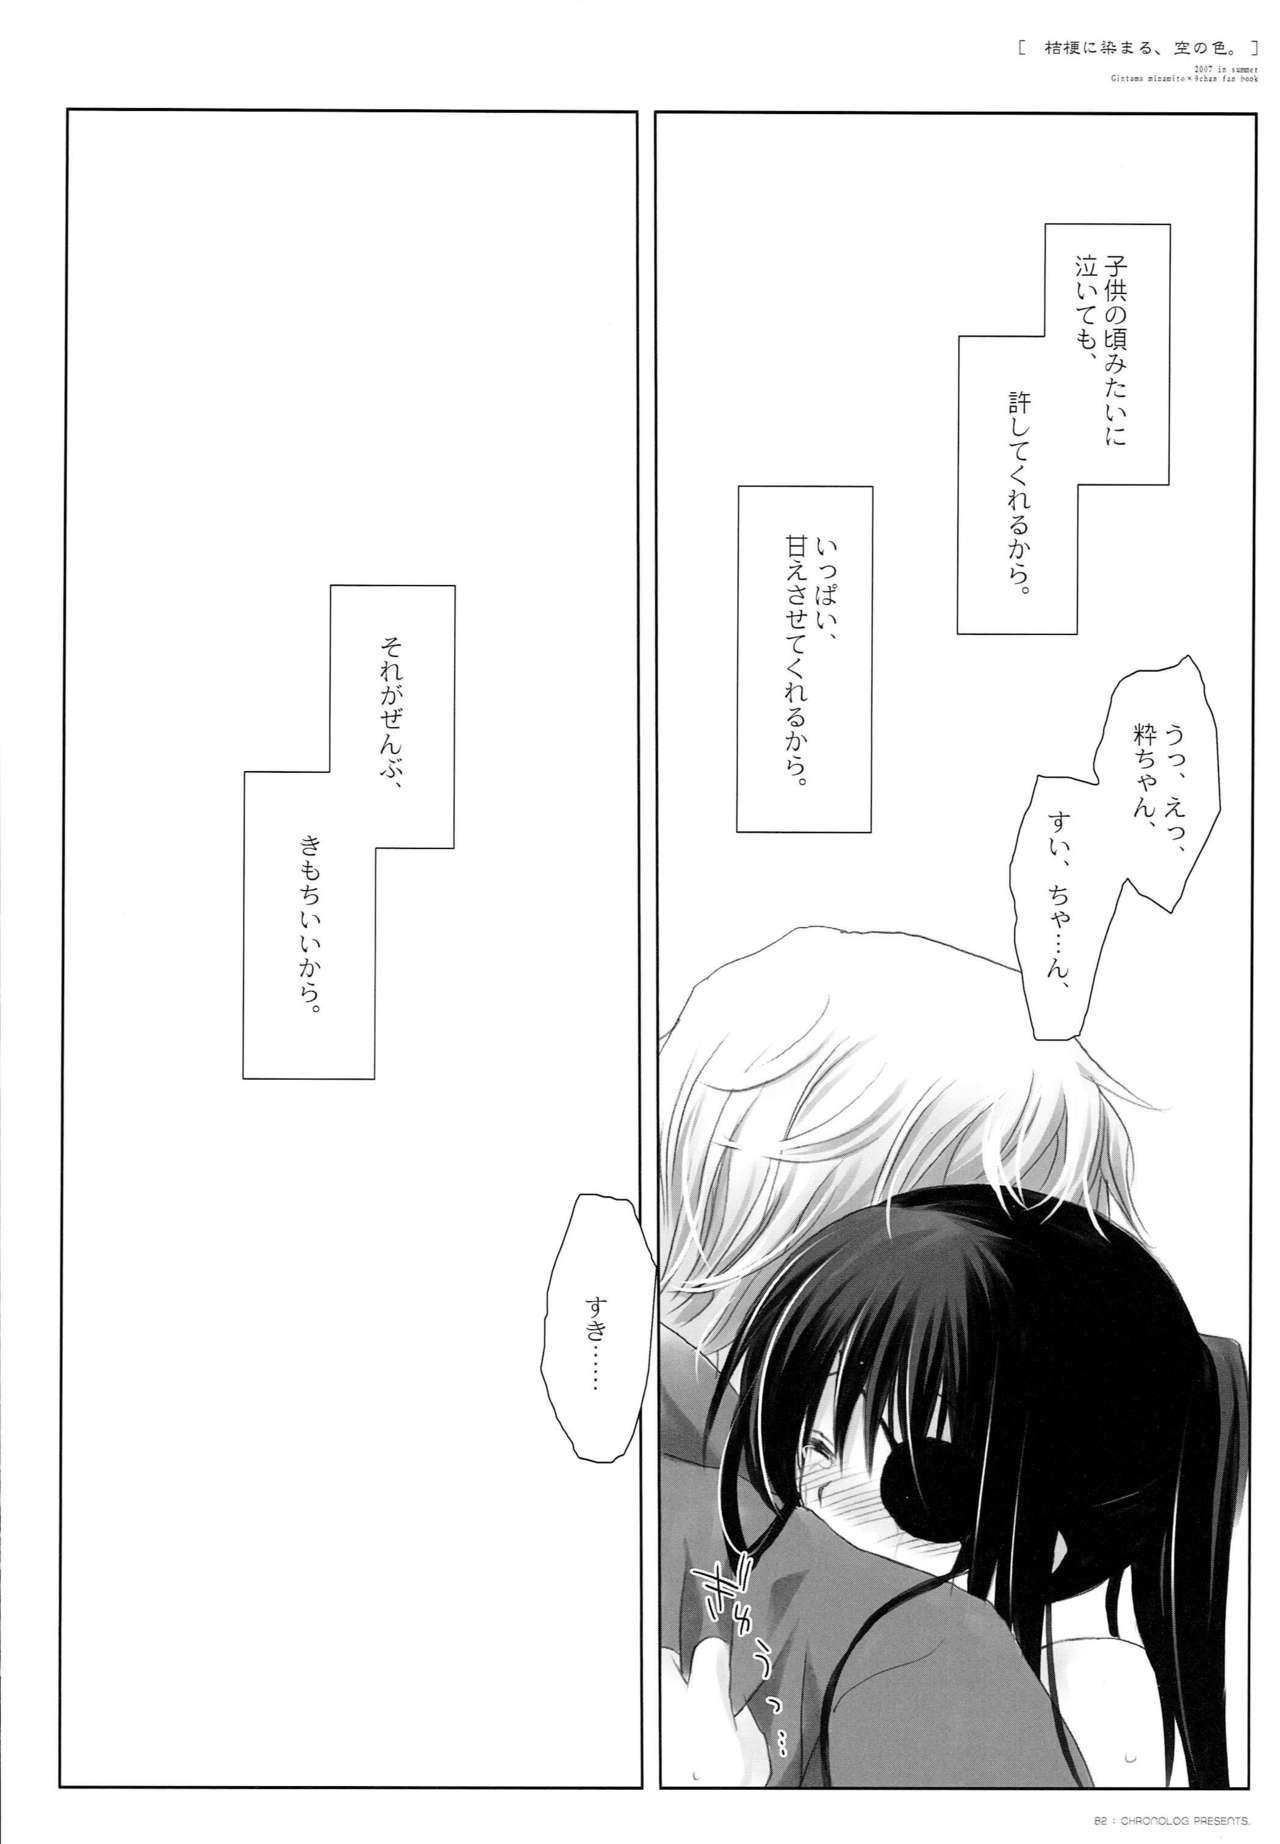 Kikyou ni Somaru Sora no Iro 80